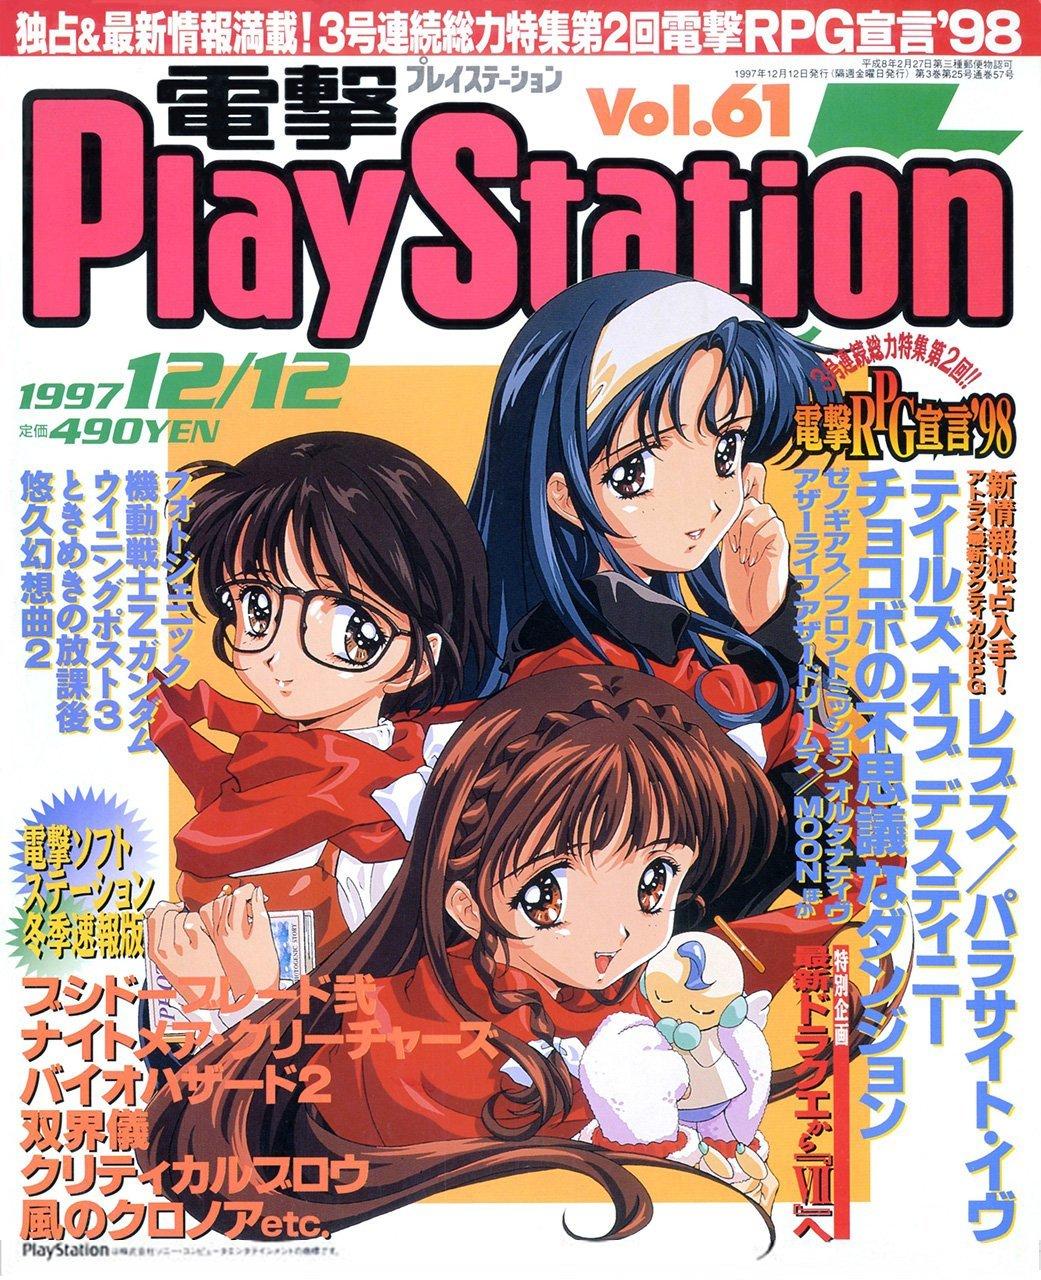 Dengeki PlayStation 061 (December 12, 1997)